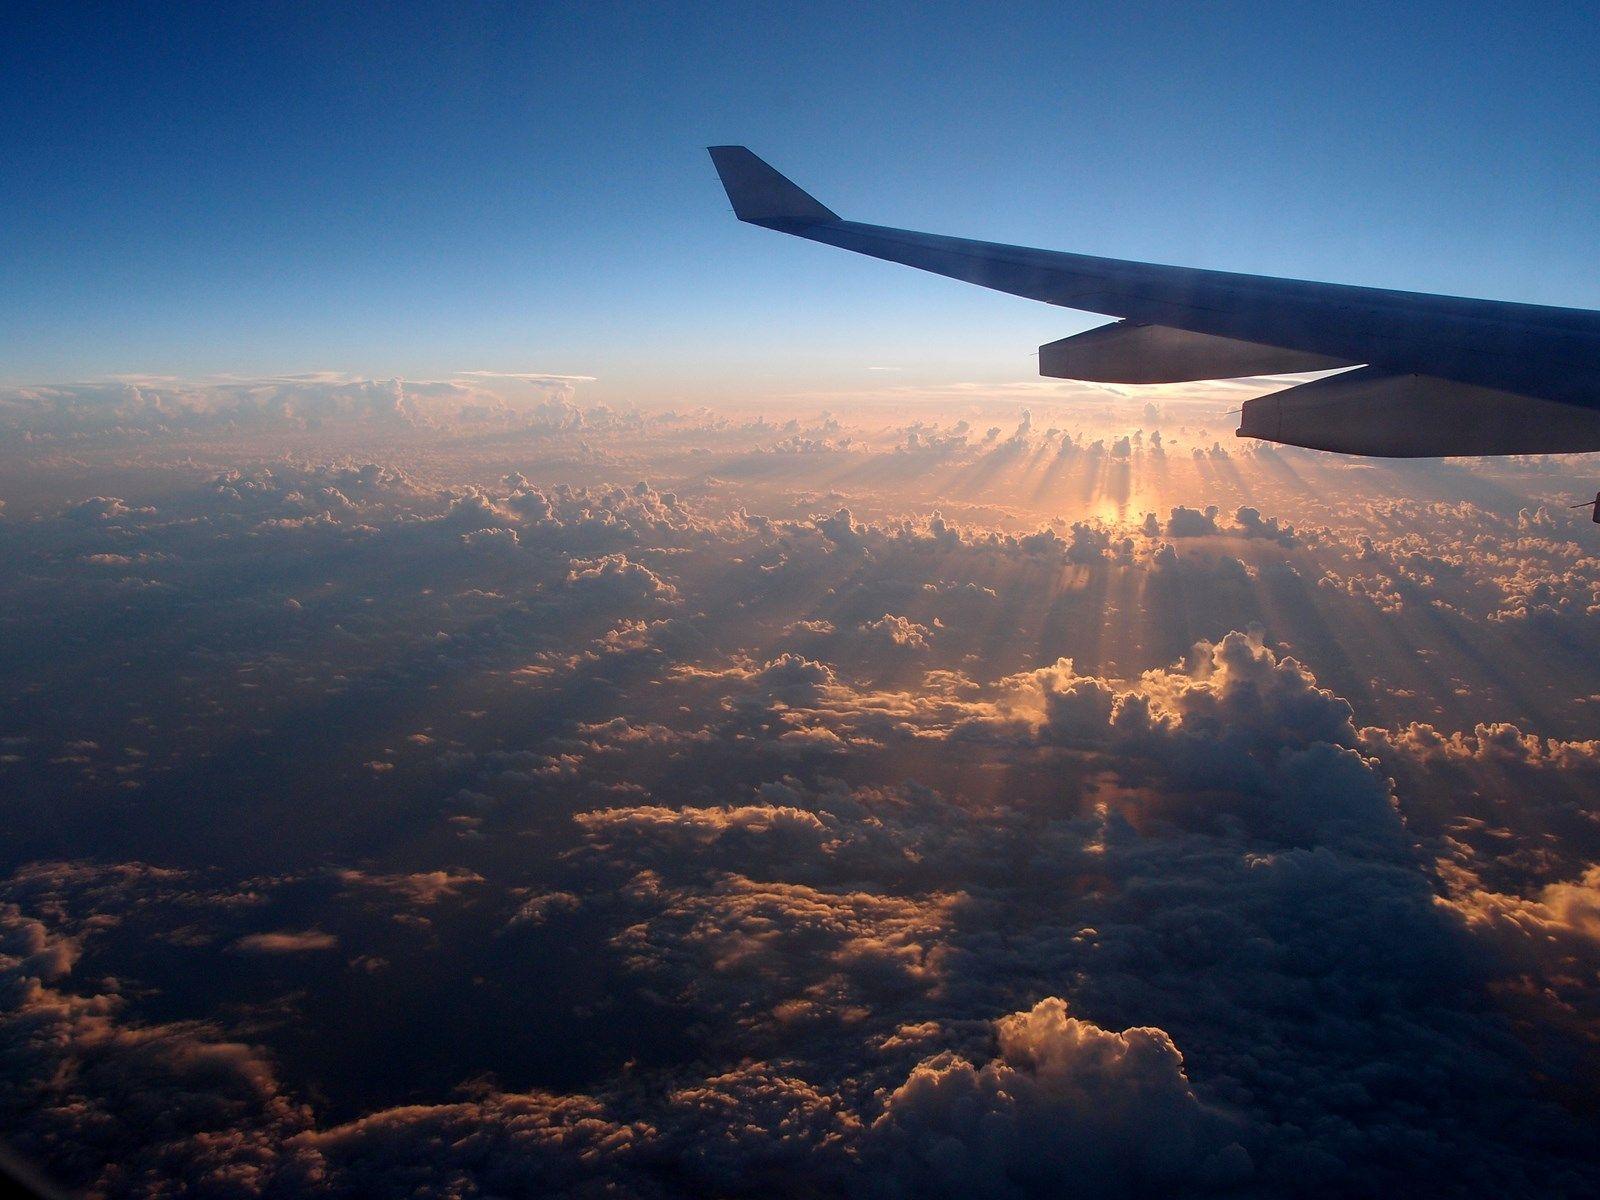 Qu Est Ce Que L 8217 Aerophobie Lt Br Gt La Peur De L Avion Ou Aerophobie Est Une Peur Deraisonnable De Prendre Photo Nuage Nuage Photographie De Paysage